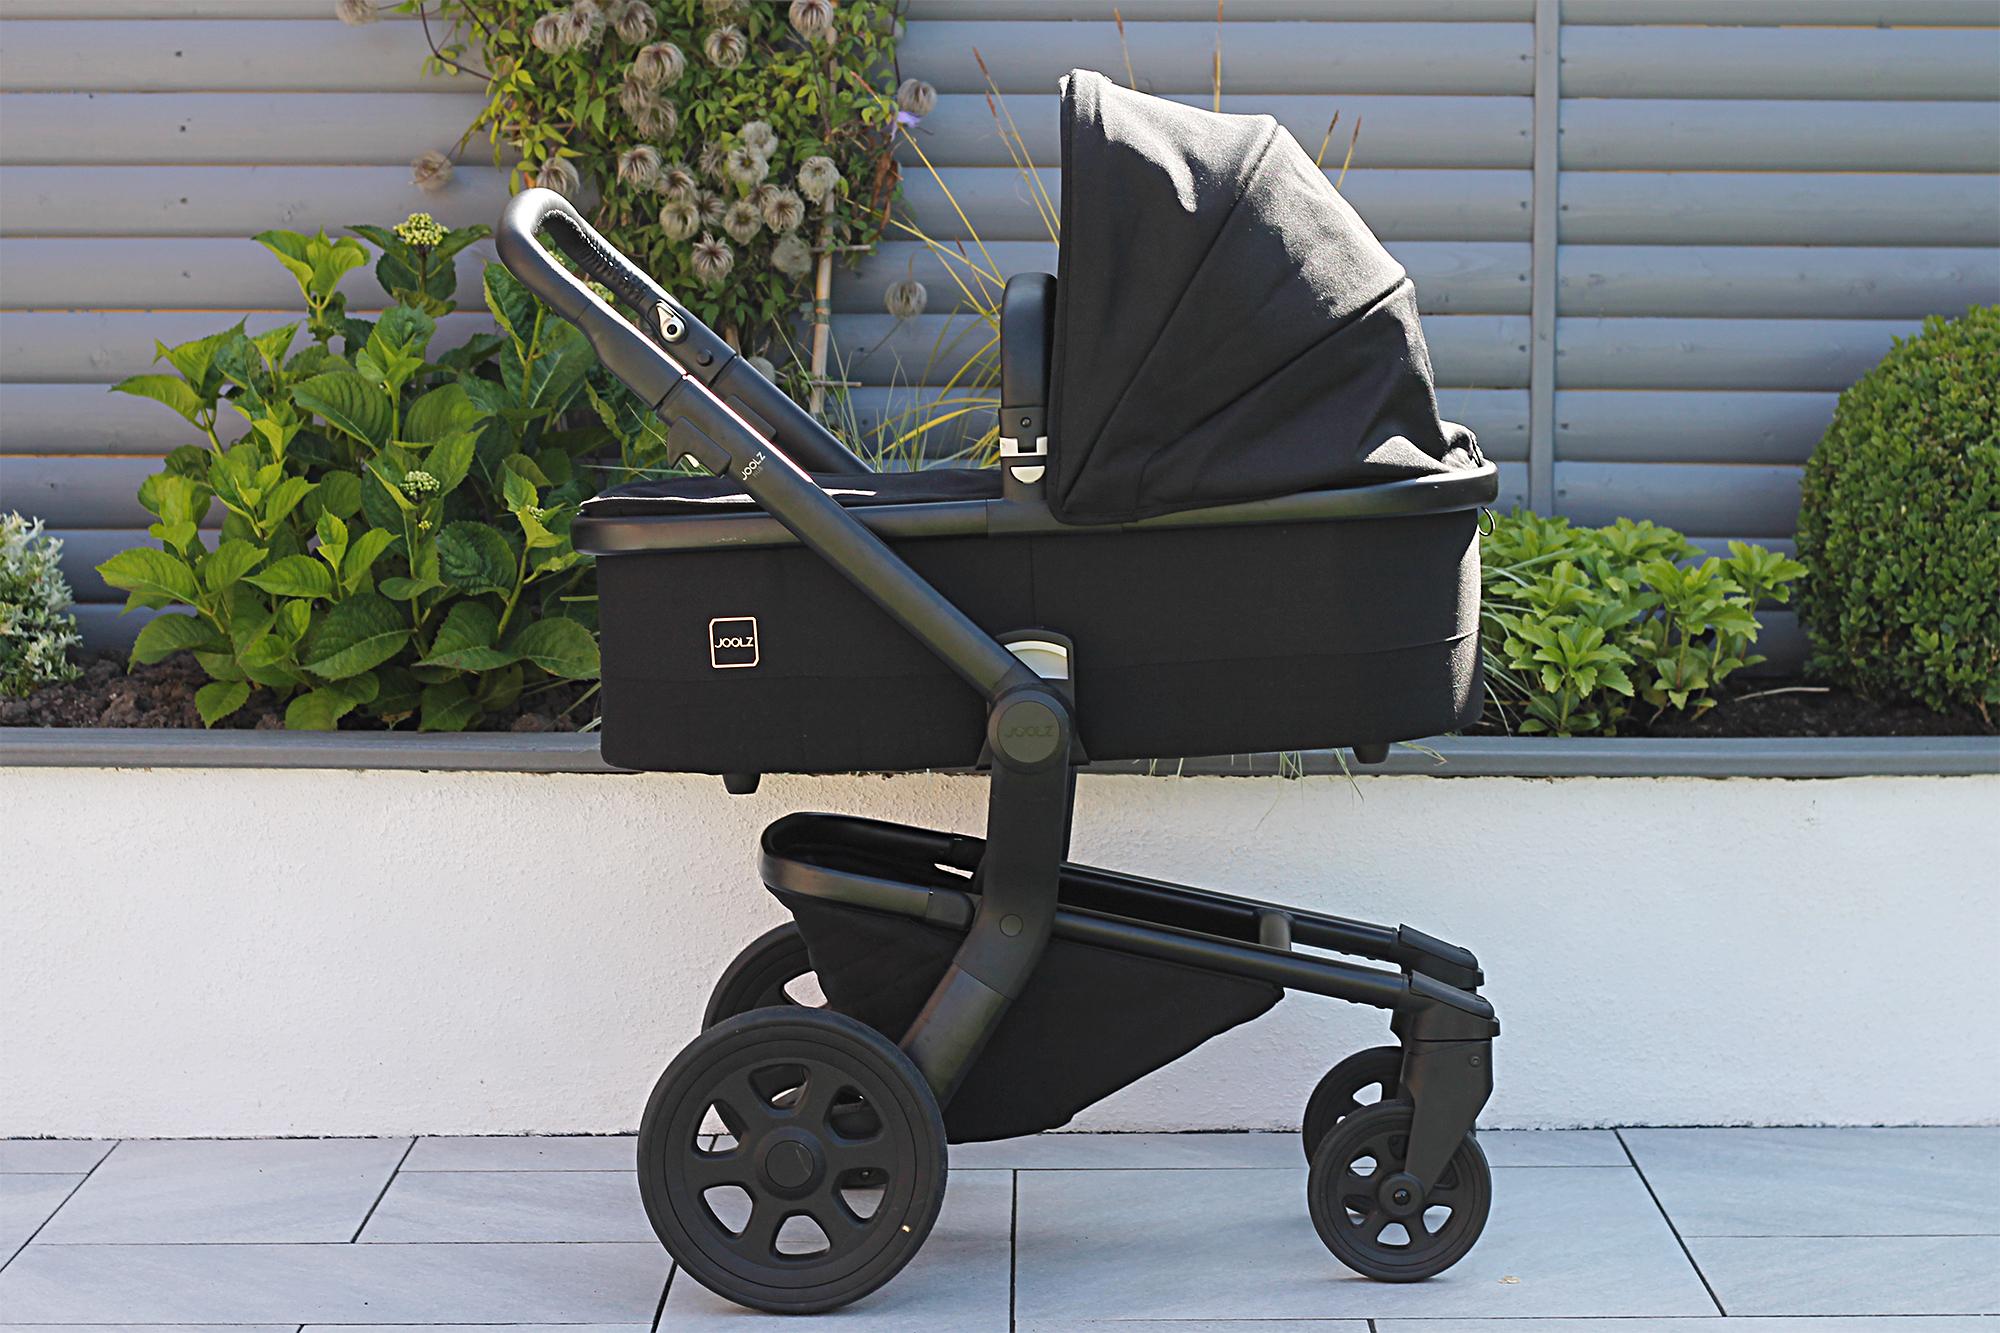 New Joolz Hub Stroller in black in a garden